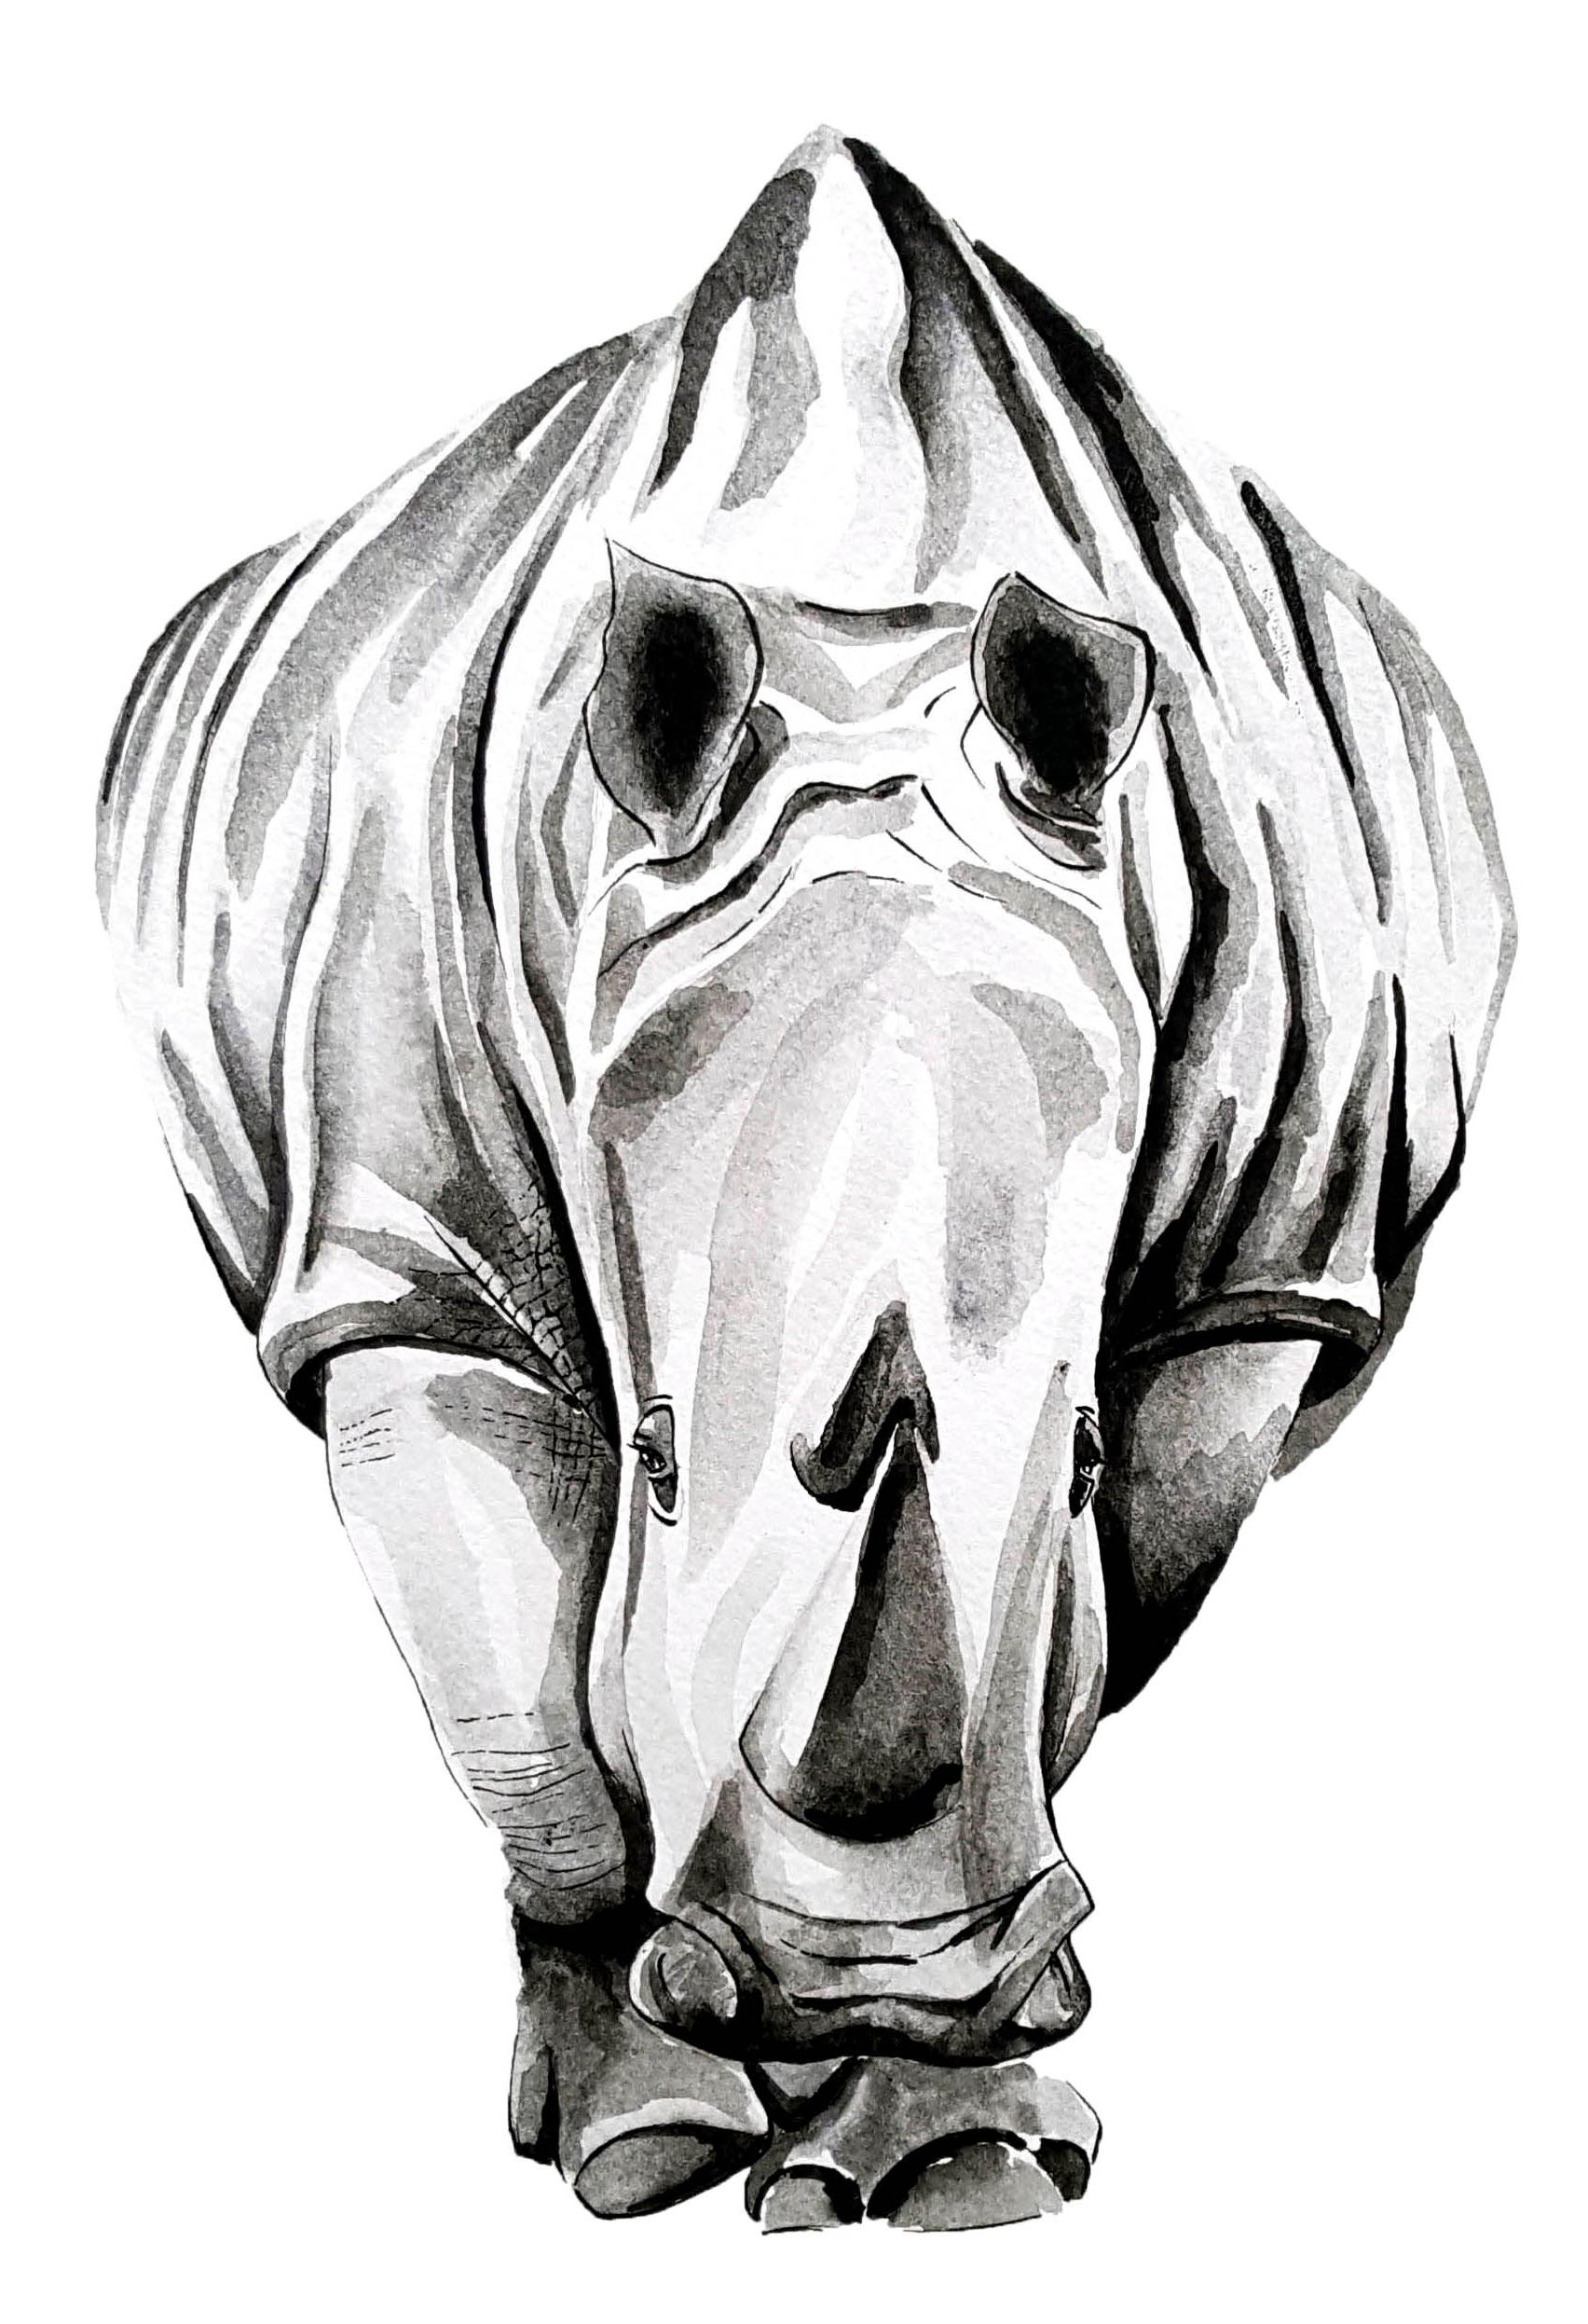 Rhino - Aquarelle